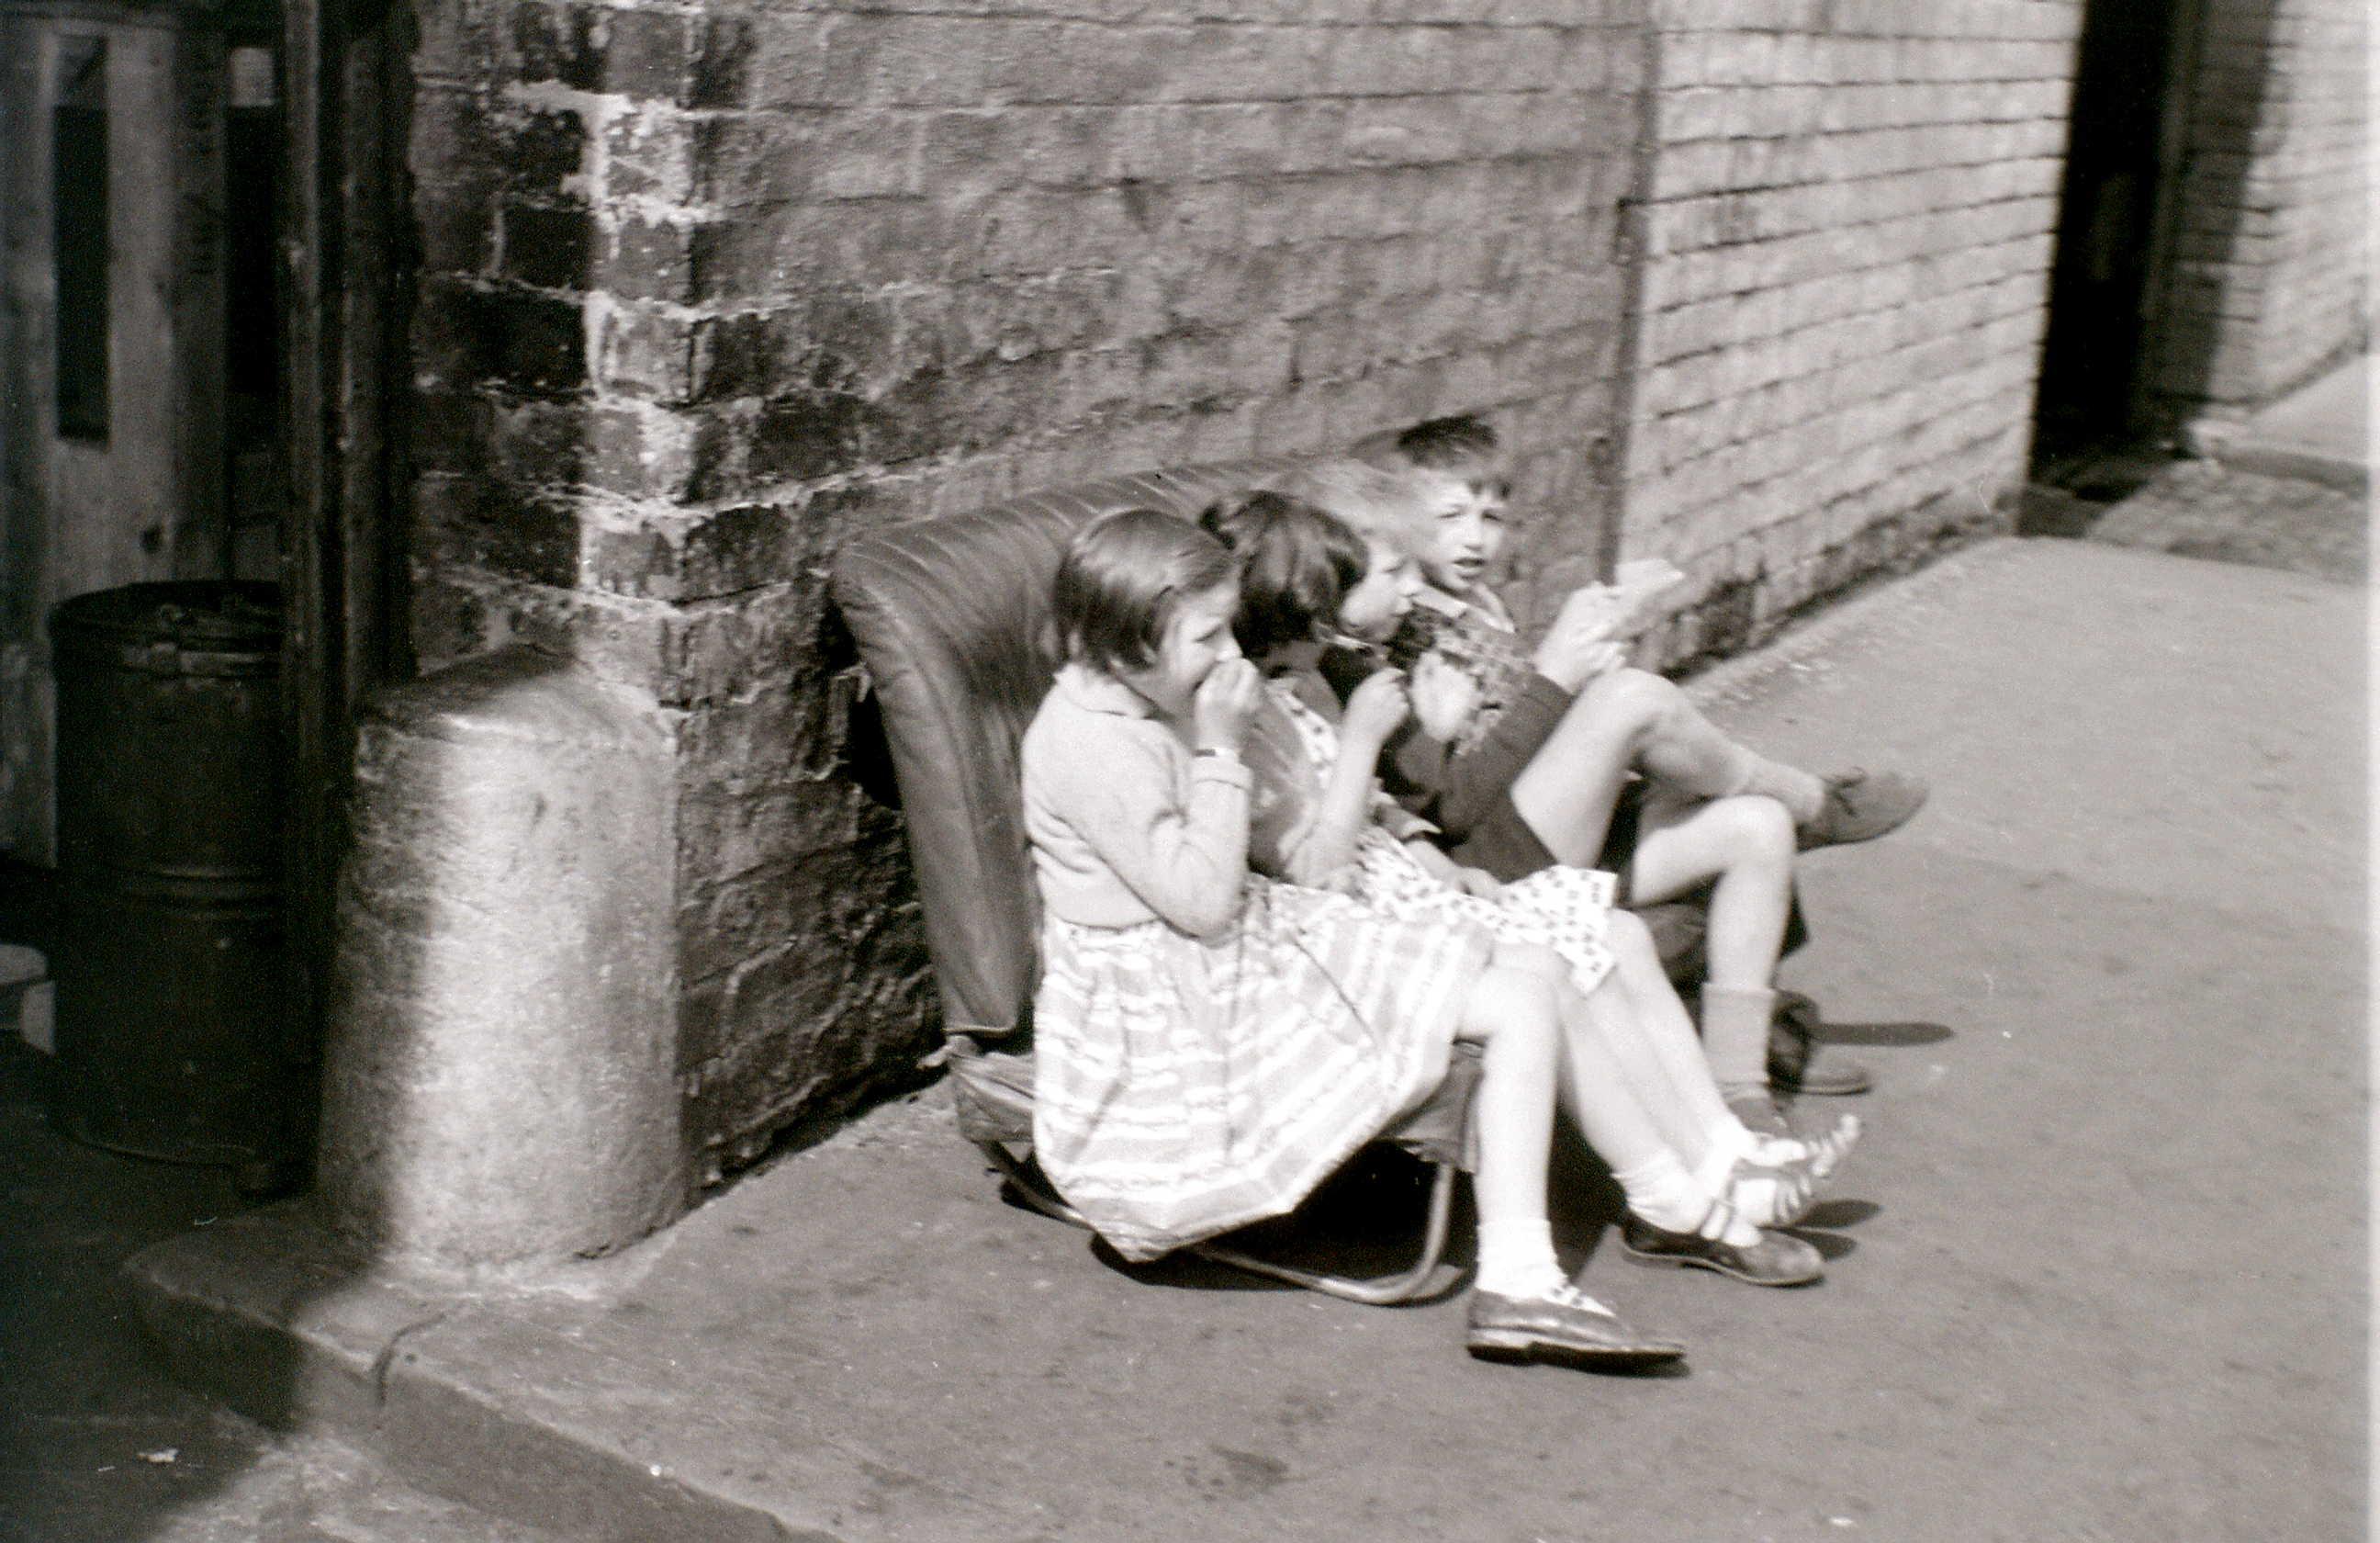 Горбалс, Глазго, 19 апреля 1960 5.jpg